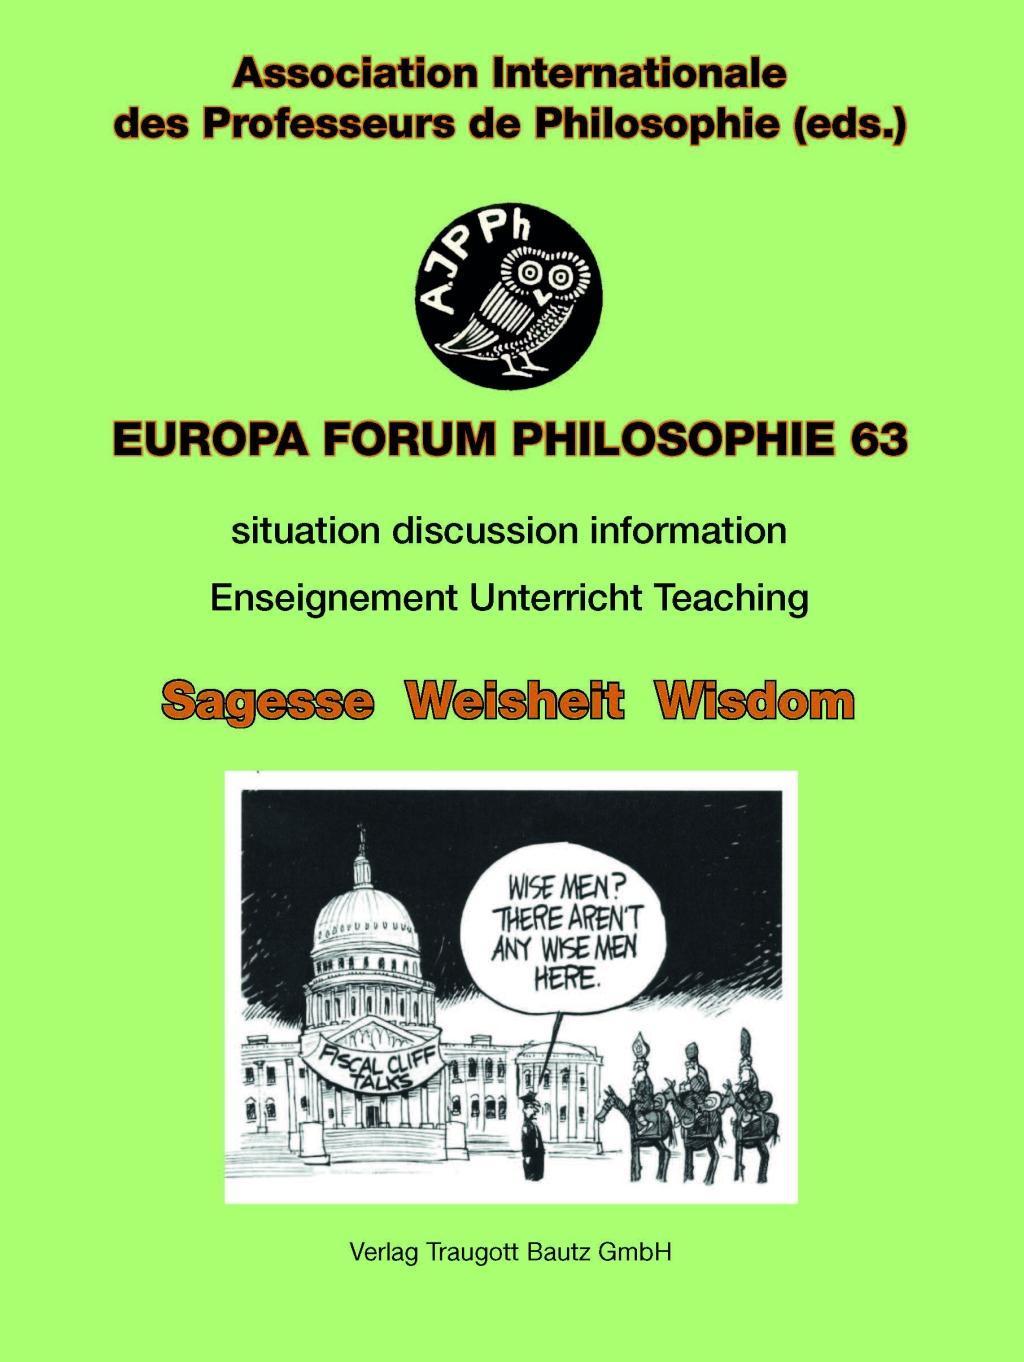 Sagesse-Weisheit-Wisdom-Gabriele-Muennix